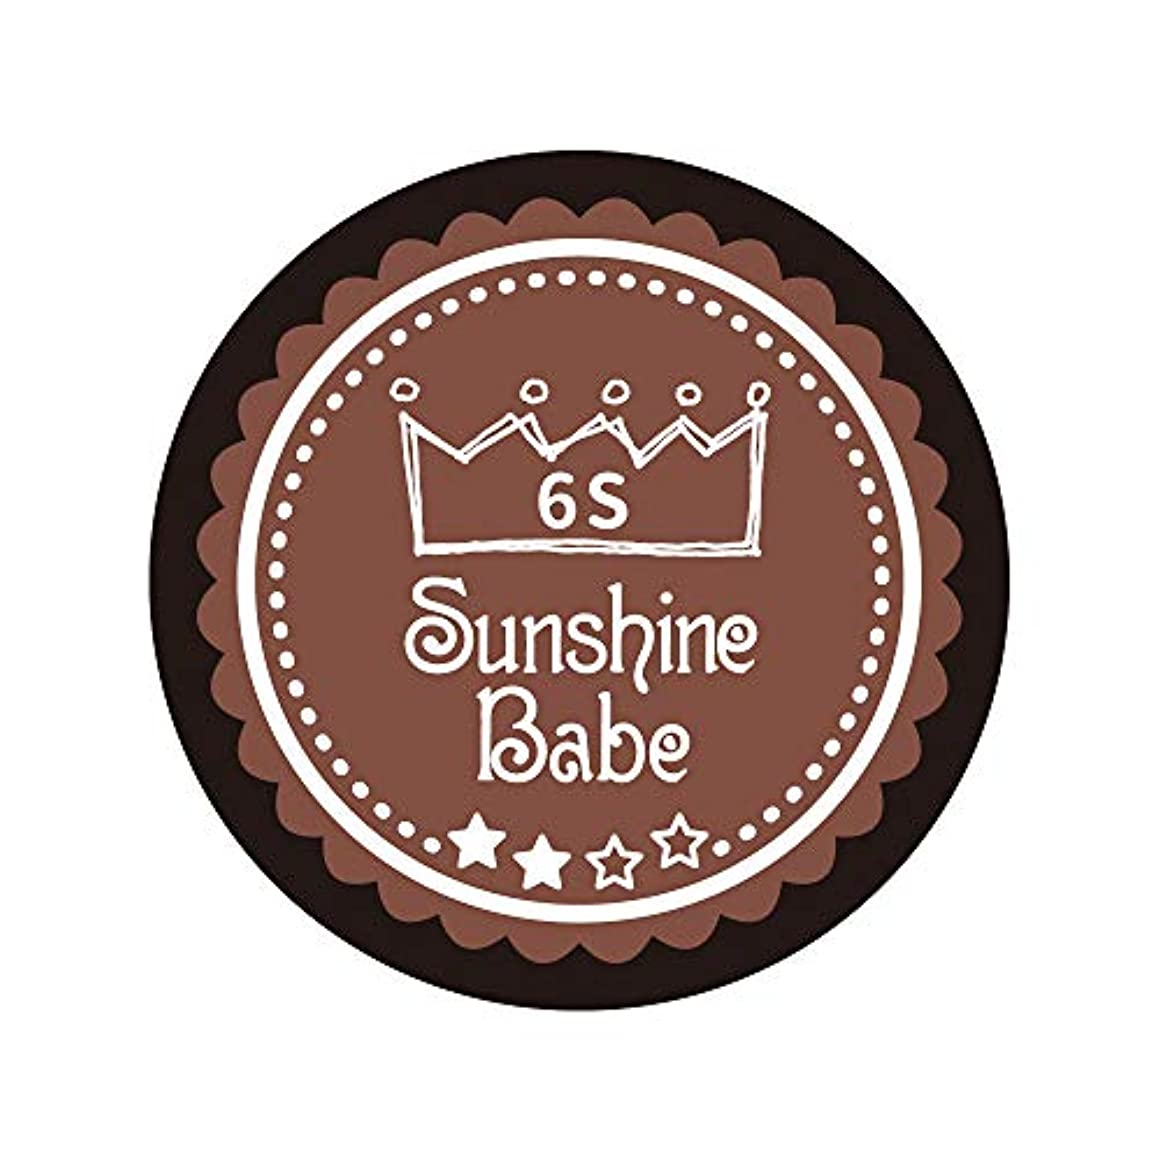 労働世界食物Sunshine Babe カラージェル 6S エンペラドール 2.7g UV/LED対応